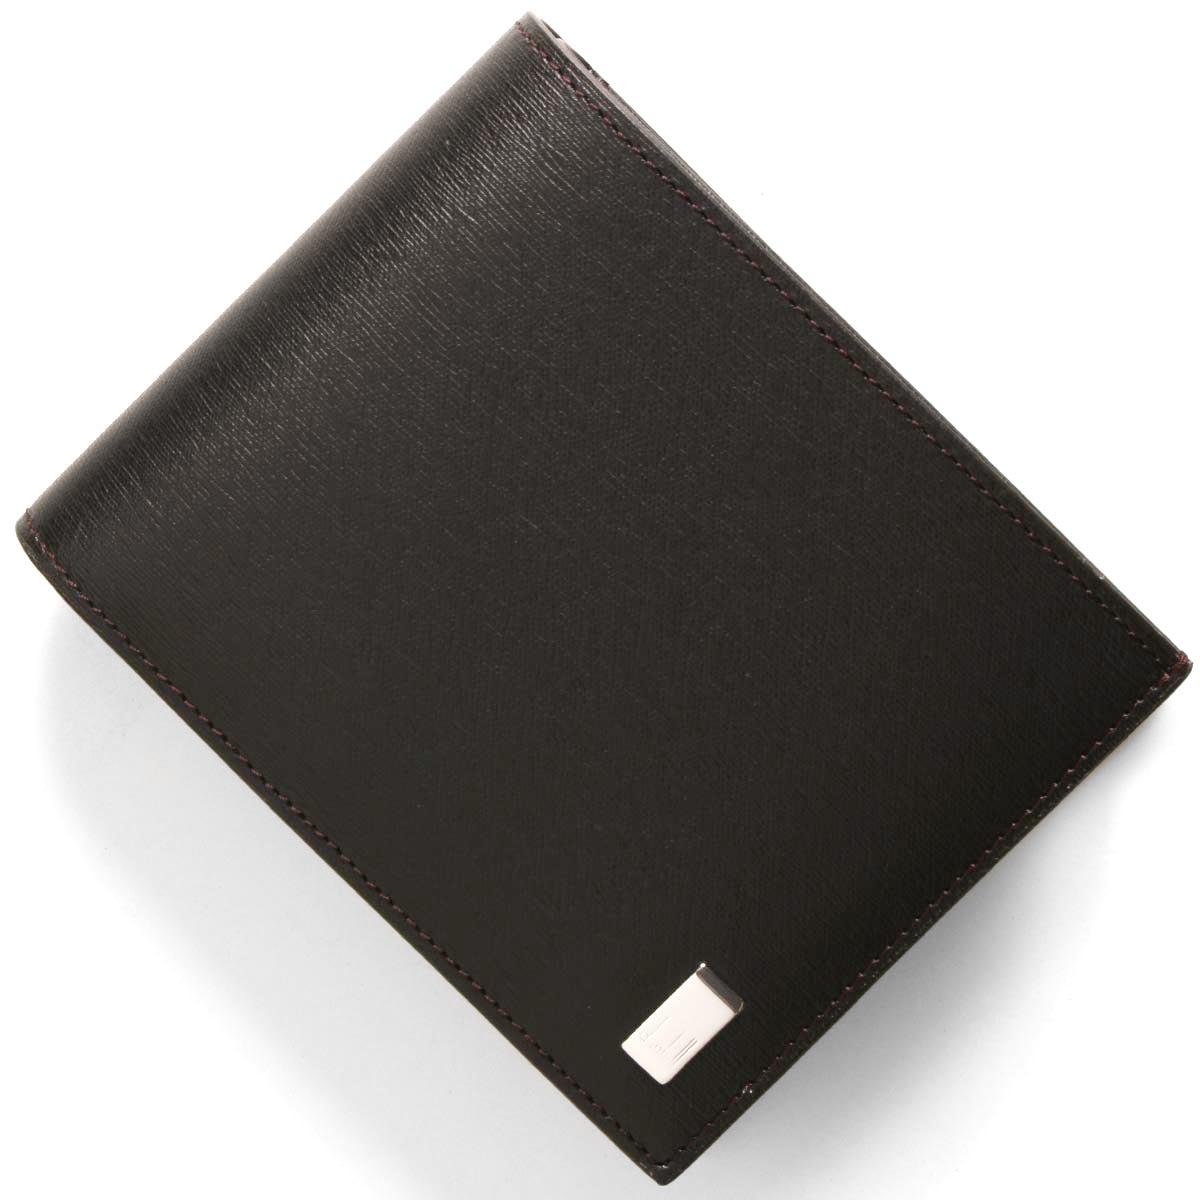 財布・ケース, メンズ財布  SIDE CAR FP3070 E DUNHILL